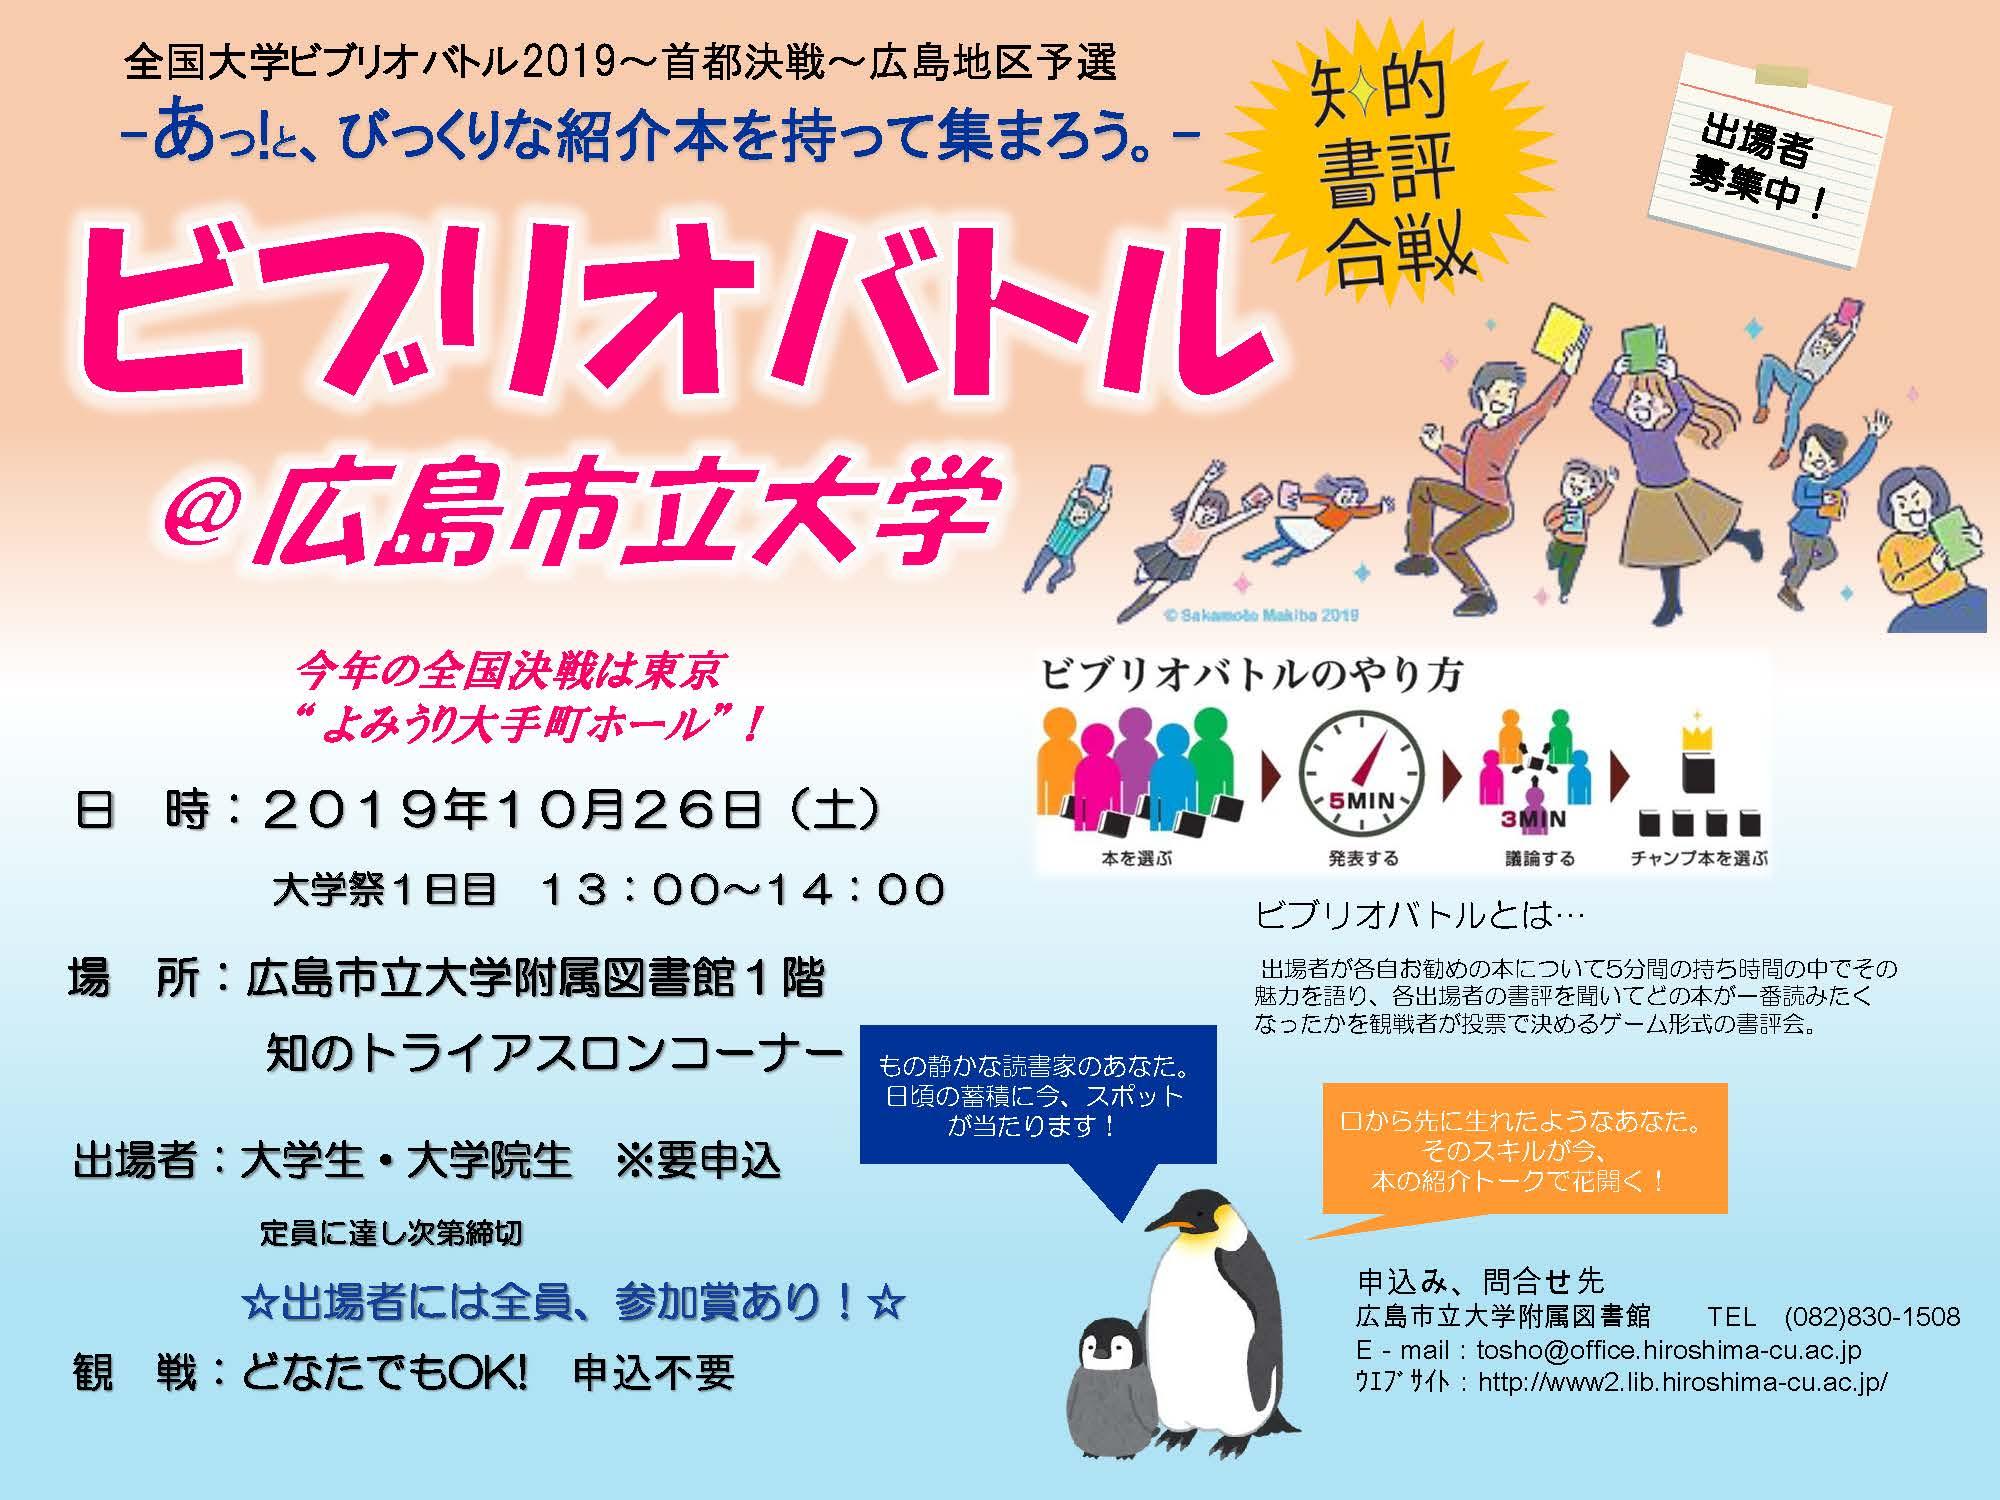 ビブリオバトル@広島市立大学(10/26(土))を開催します